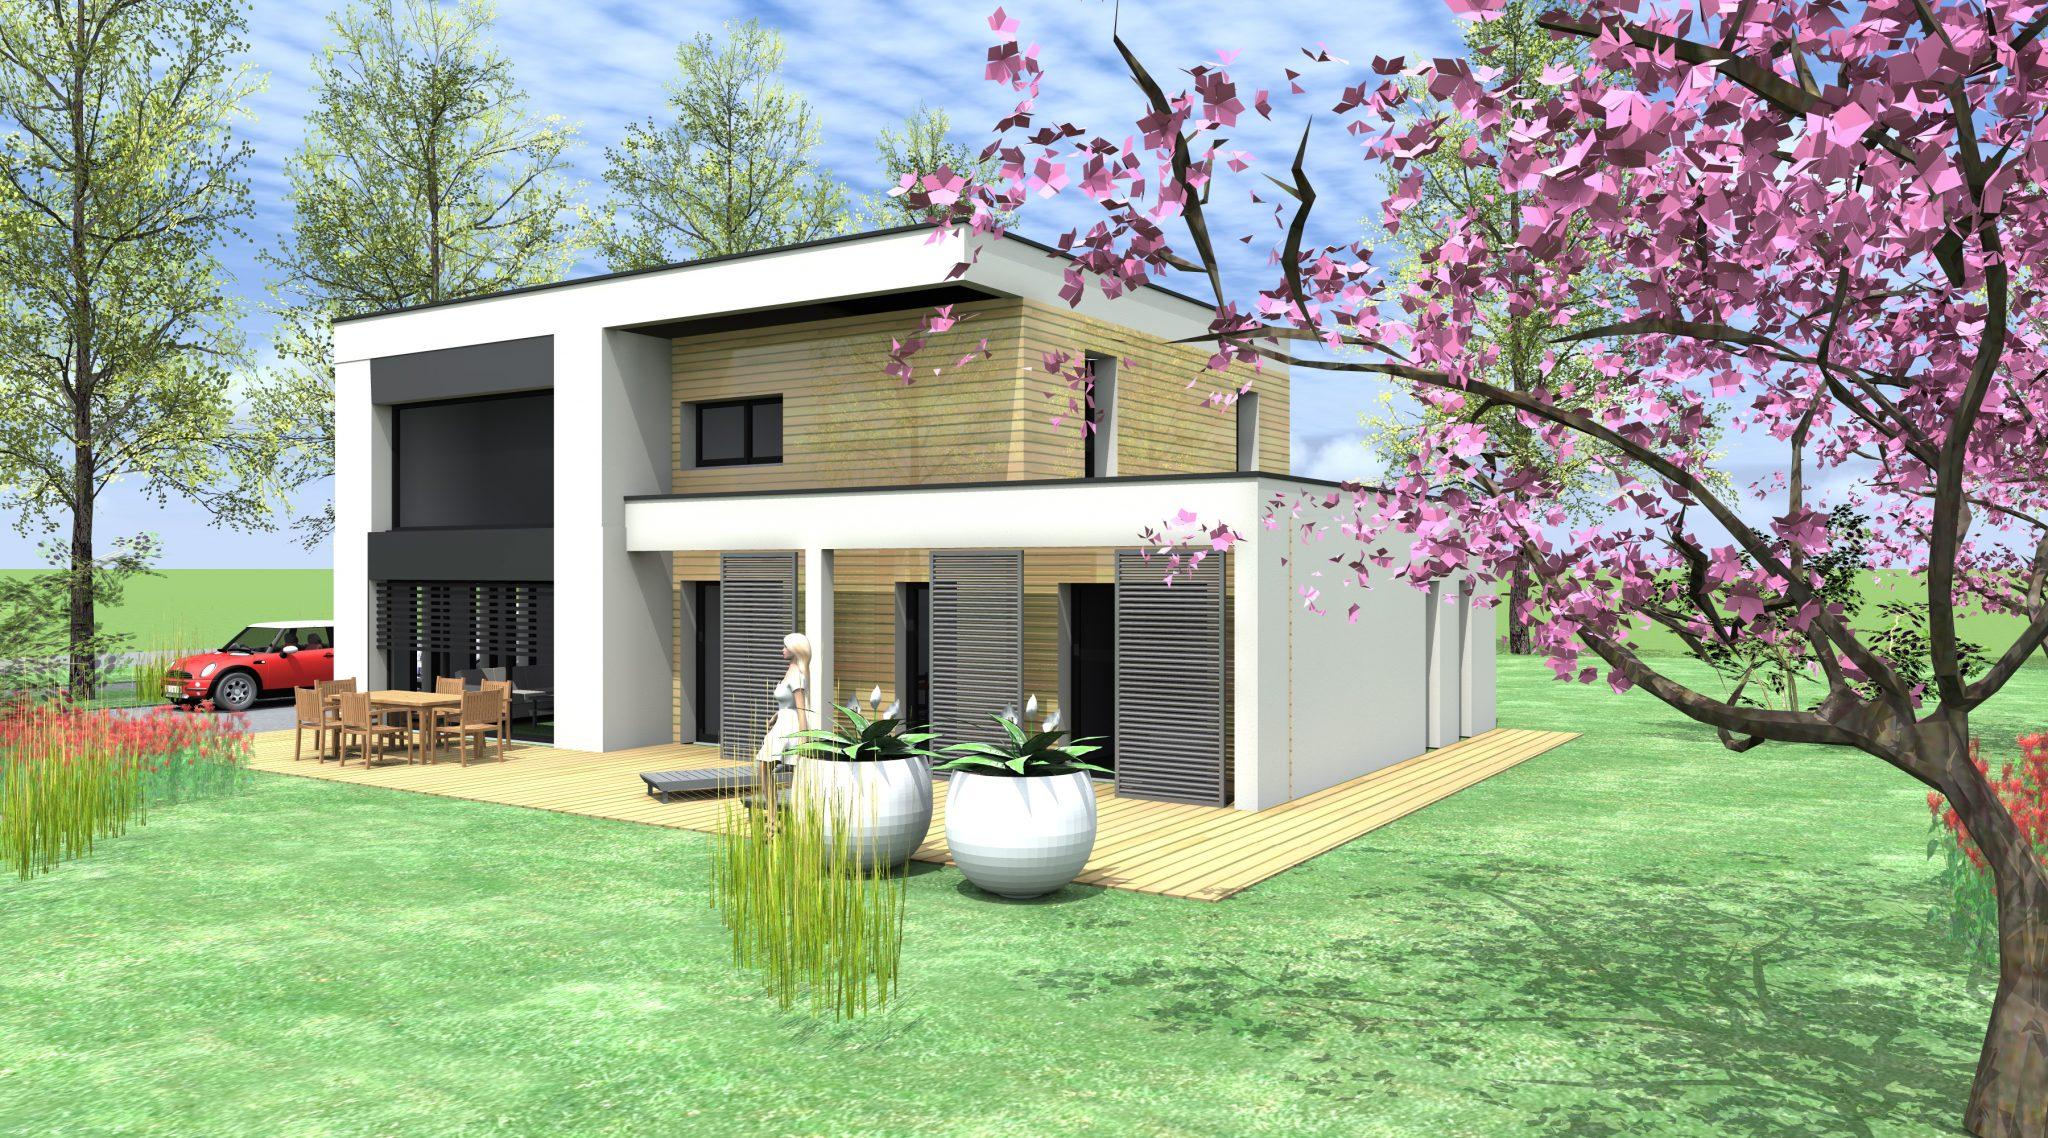 Projet de maison neuve mc immo for Maison neuve projet